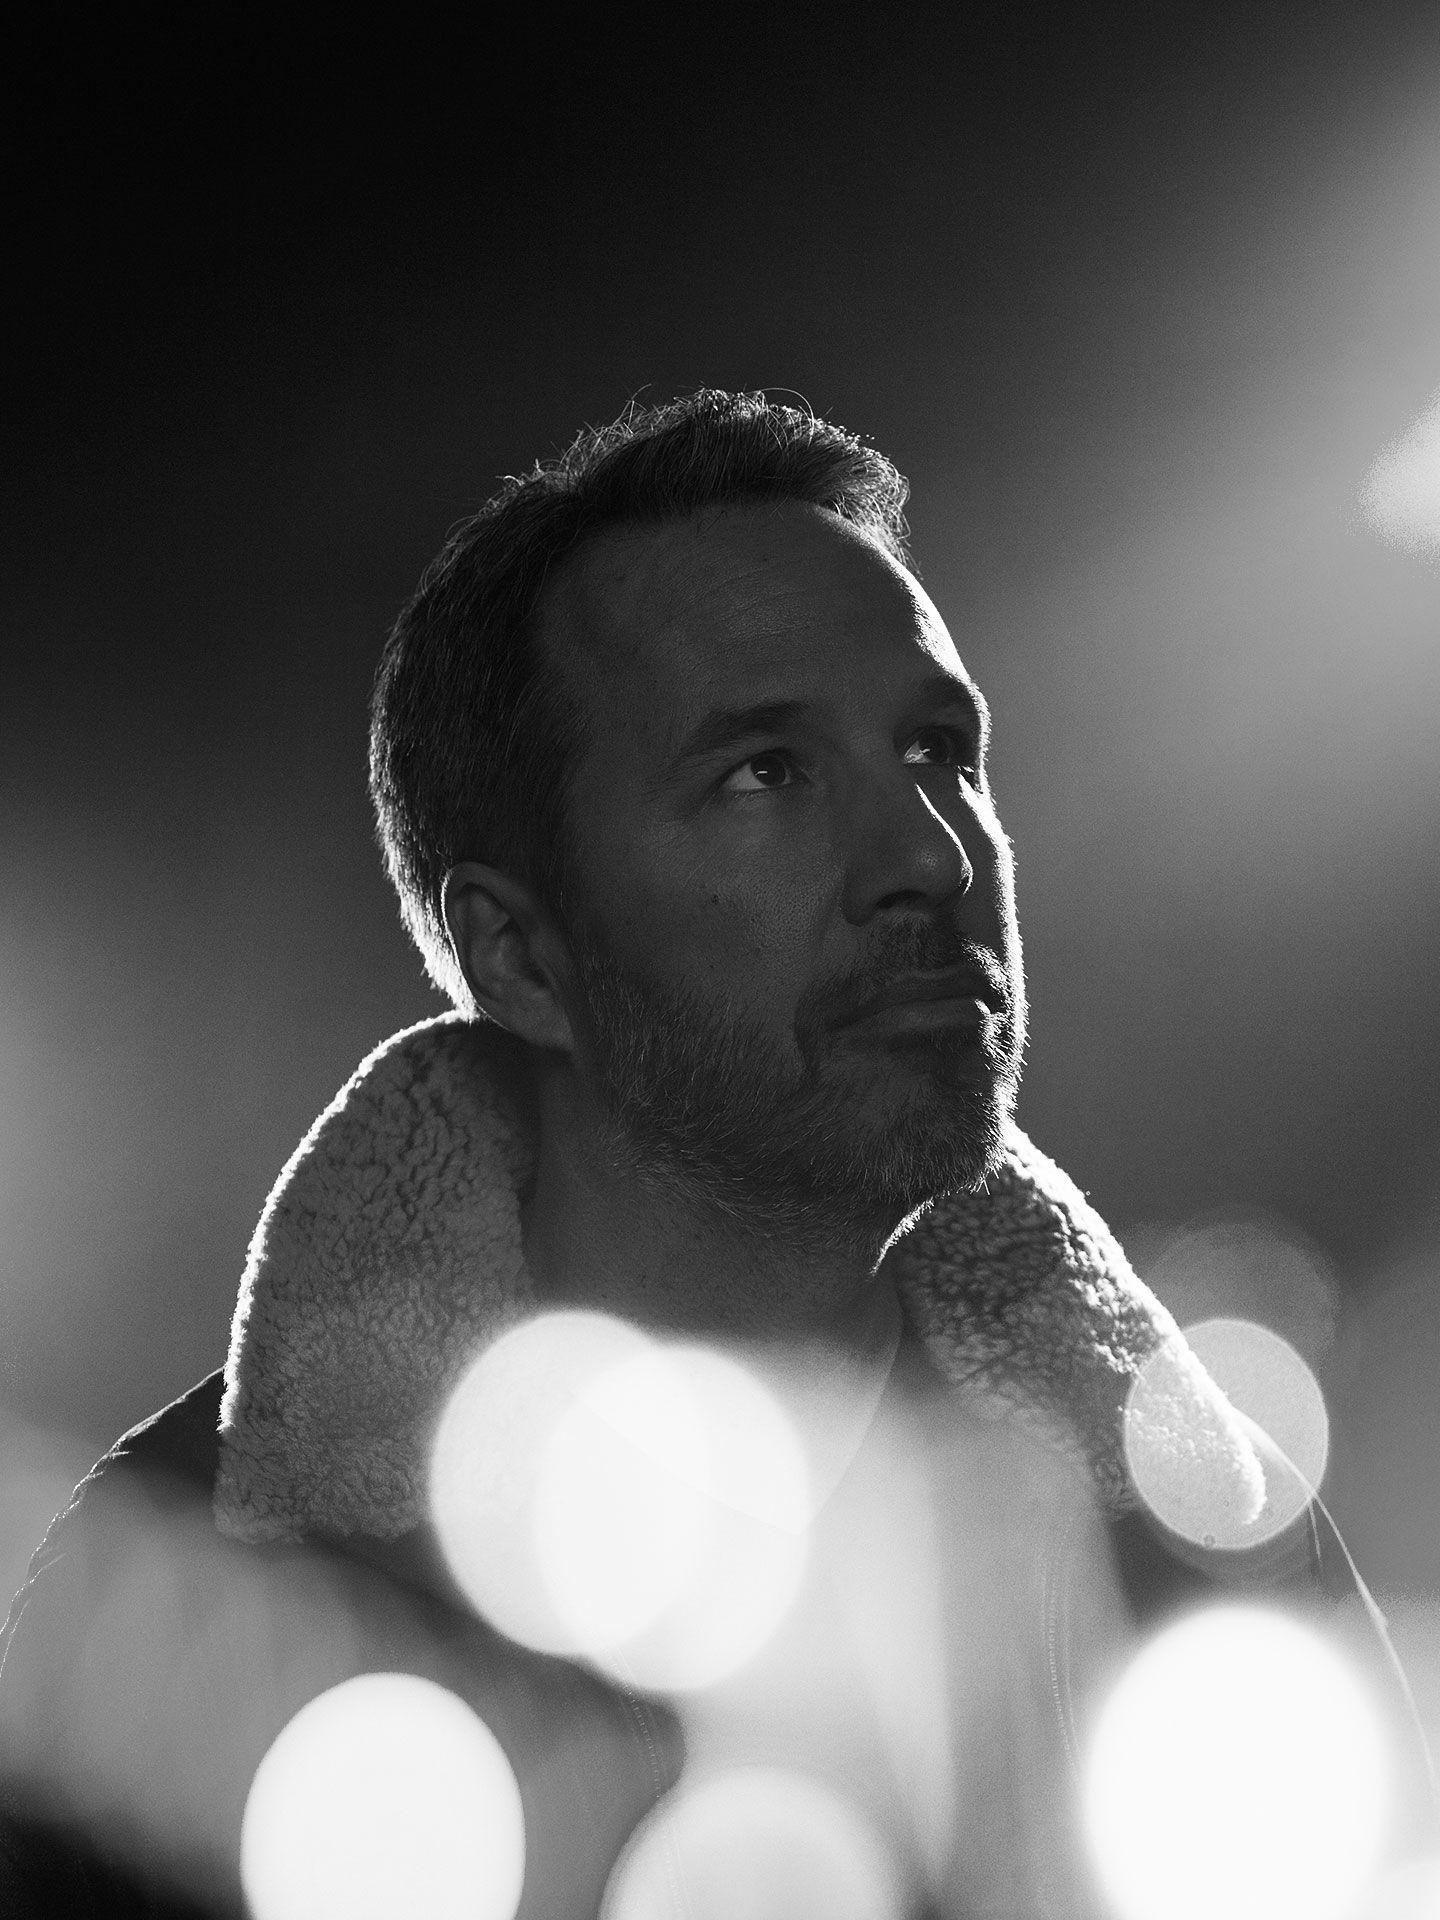 Portrait noir et blanc de Denis Villeneuve avec des points de lumière.